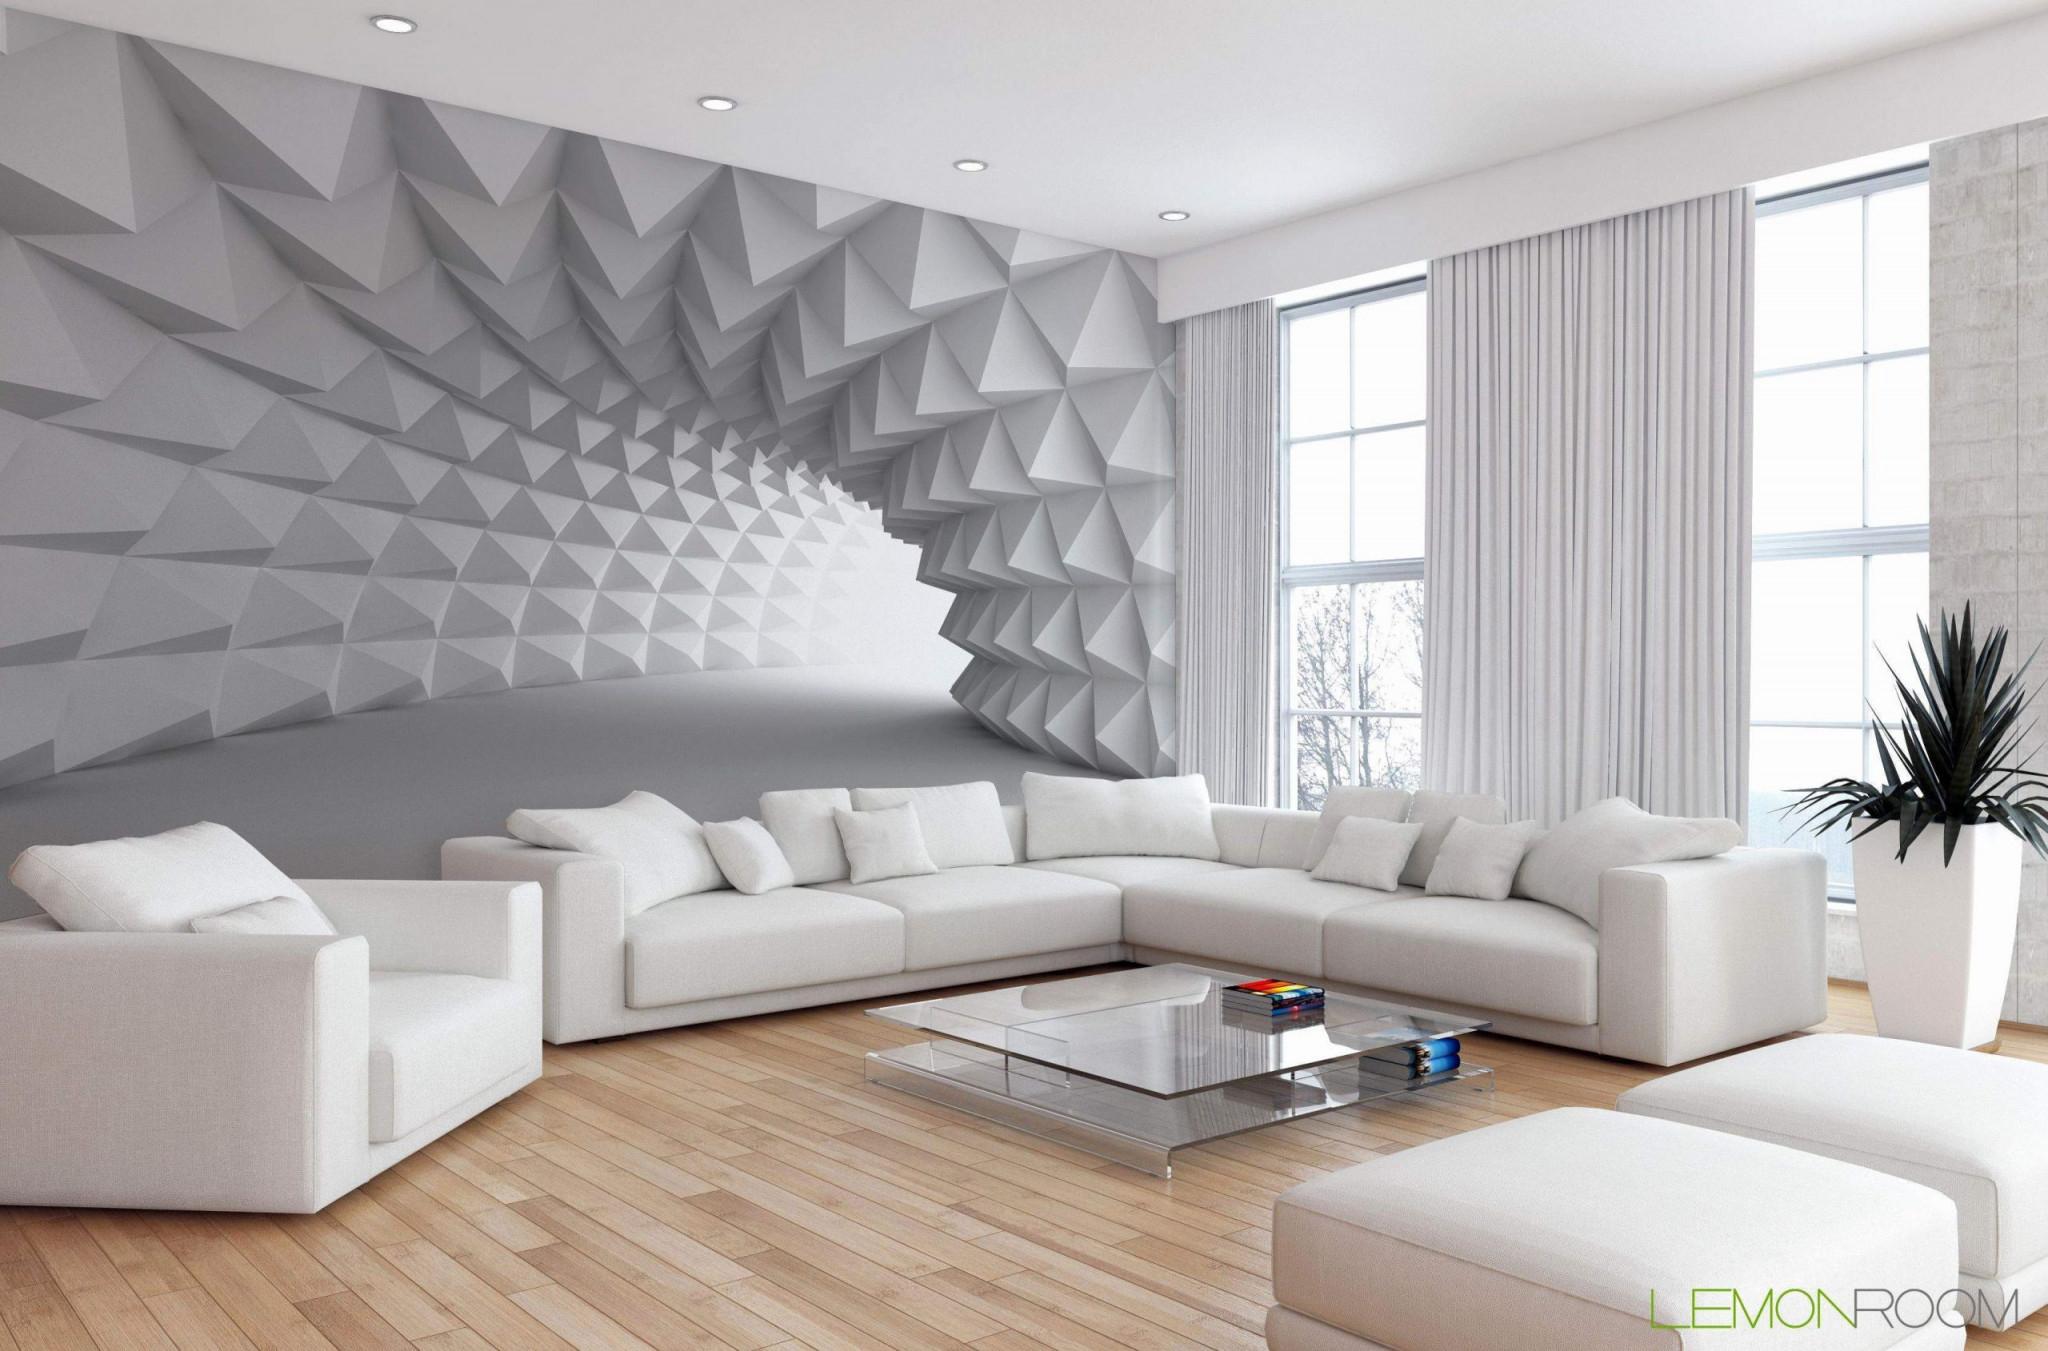 Fototapete Wohnzimmer 3D Das Beste Von 32 Frisch Tapeten von Wohnzimmer Tapeten 3D Bild